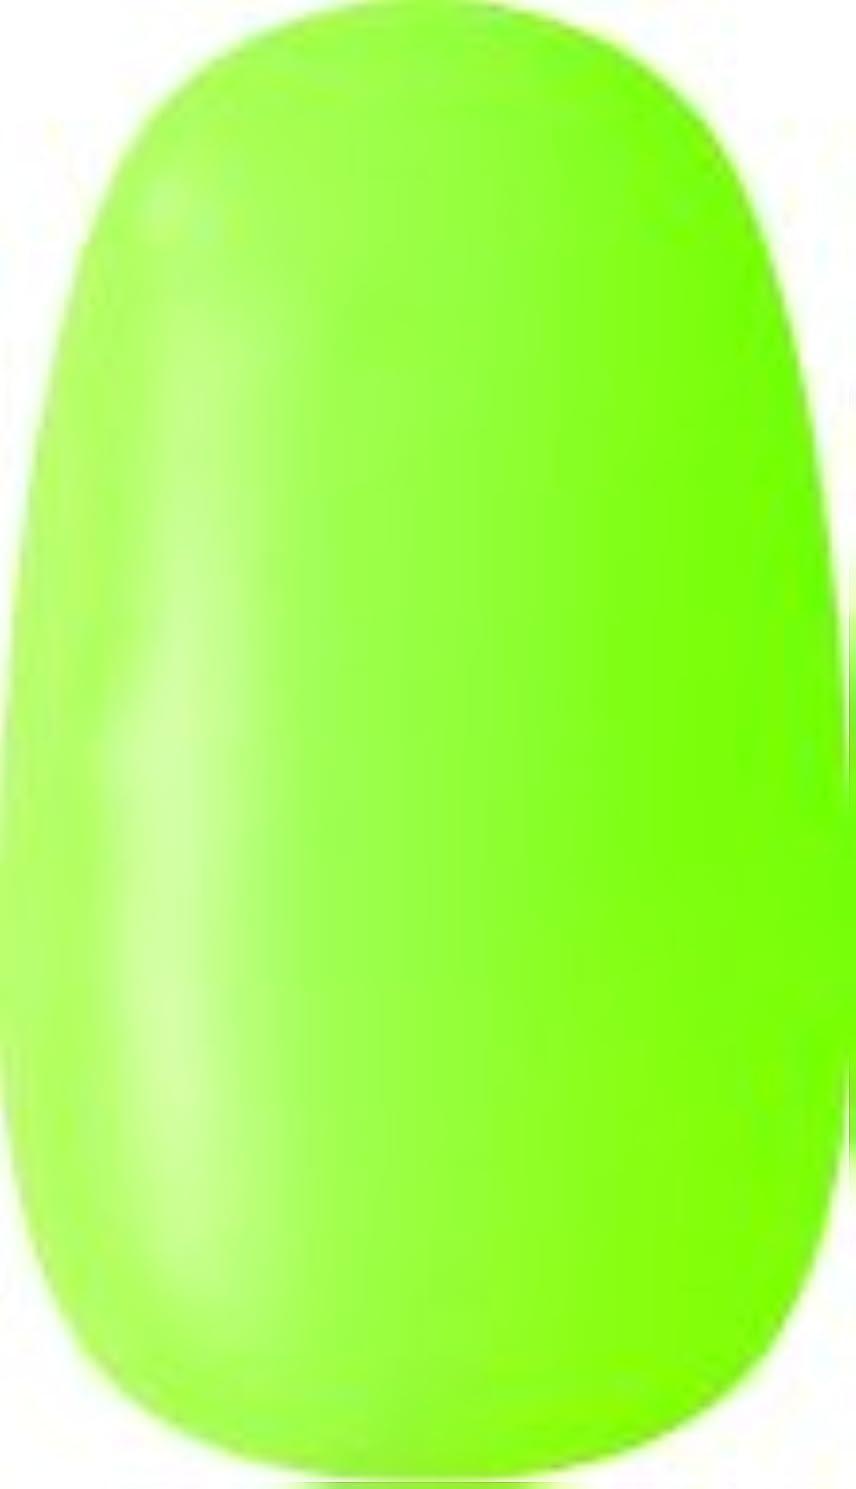 杖アンケート光沢のあるラク カラージェル(53-ネイオグリーン)8g 今話題のラクジェル 素早く仕上カラージェル 抜群の発色とツヤ 国産ポリッシュタイプ オールインワン ワンステップジェルネイル RAKU COLOR GEL #53